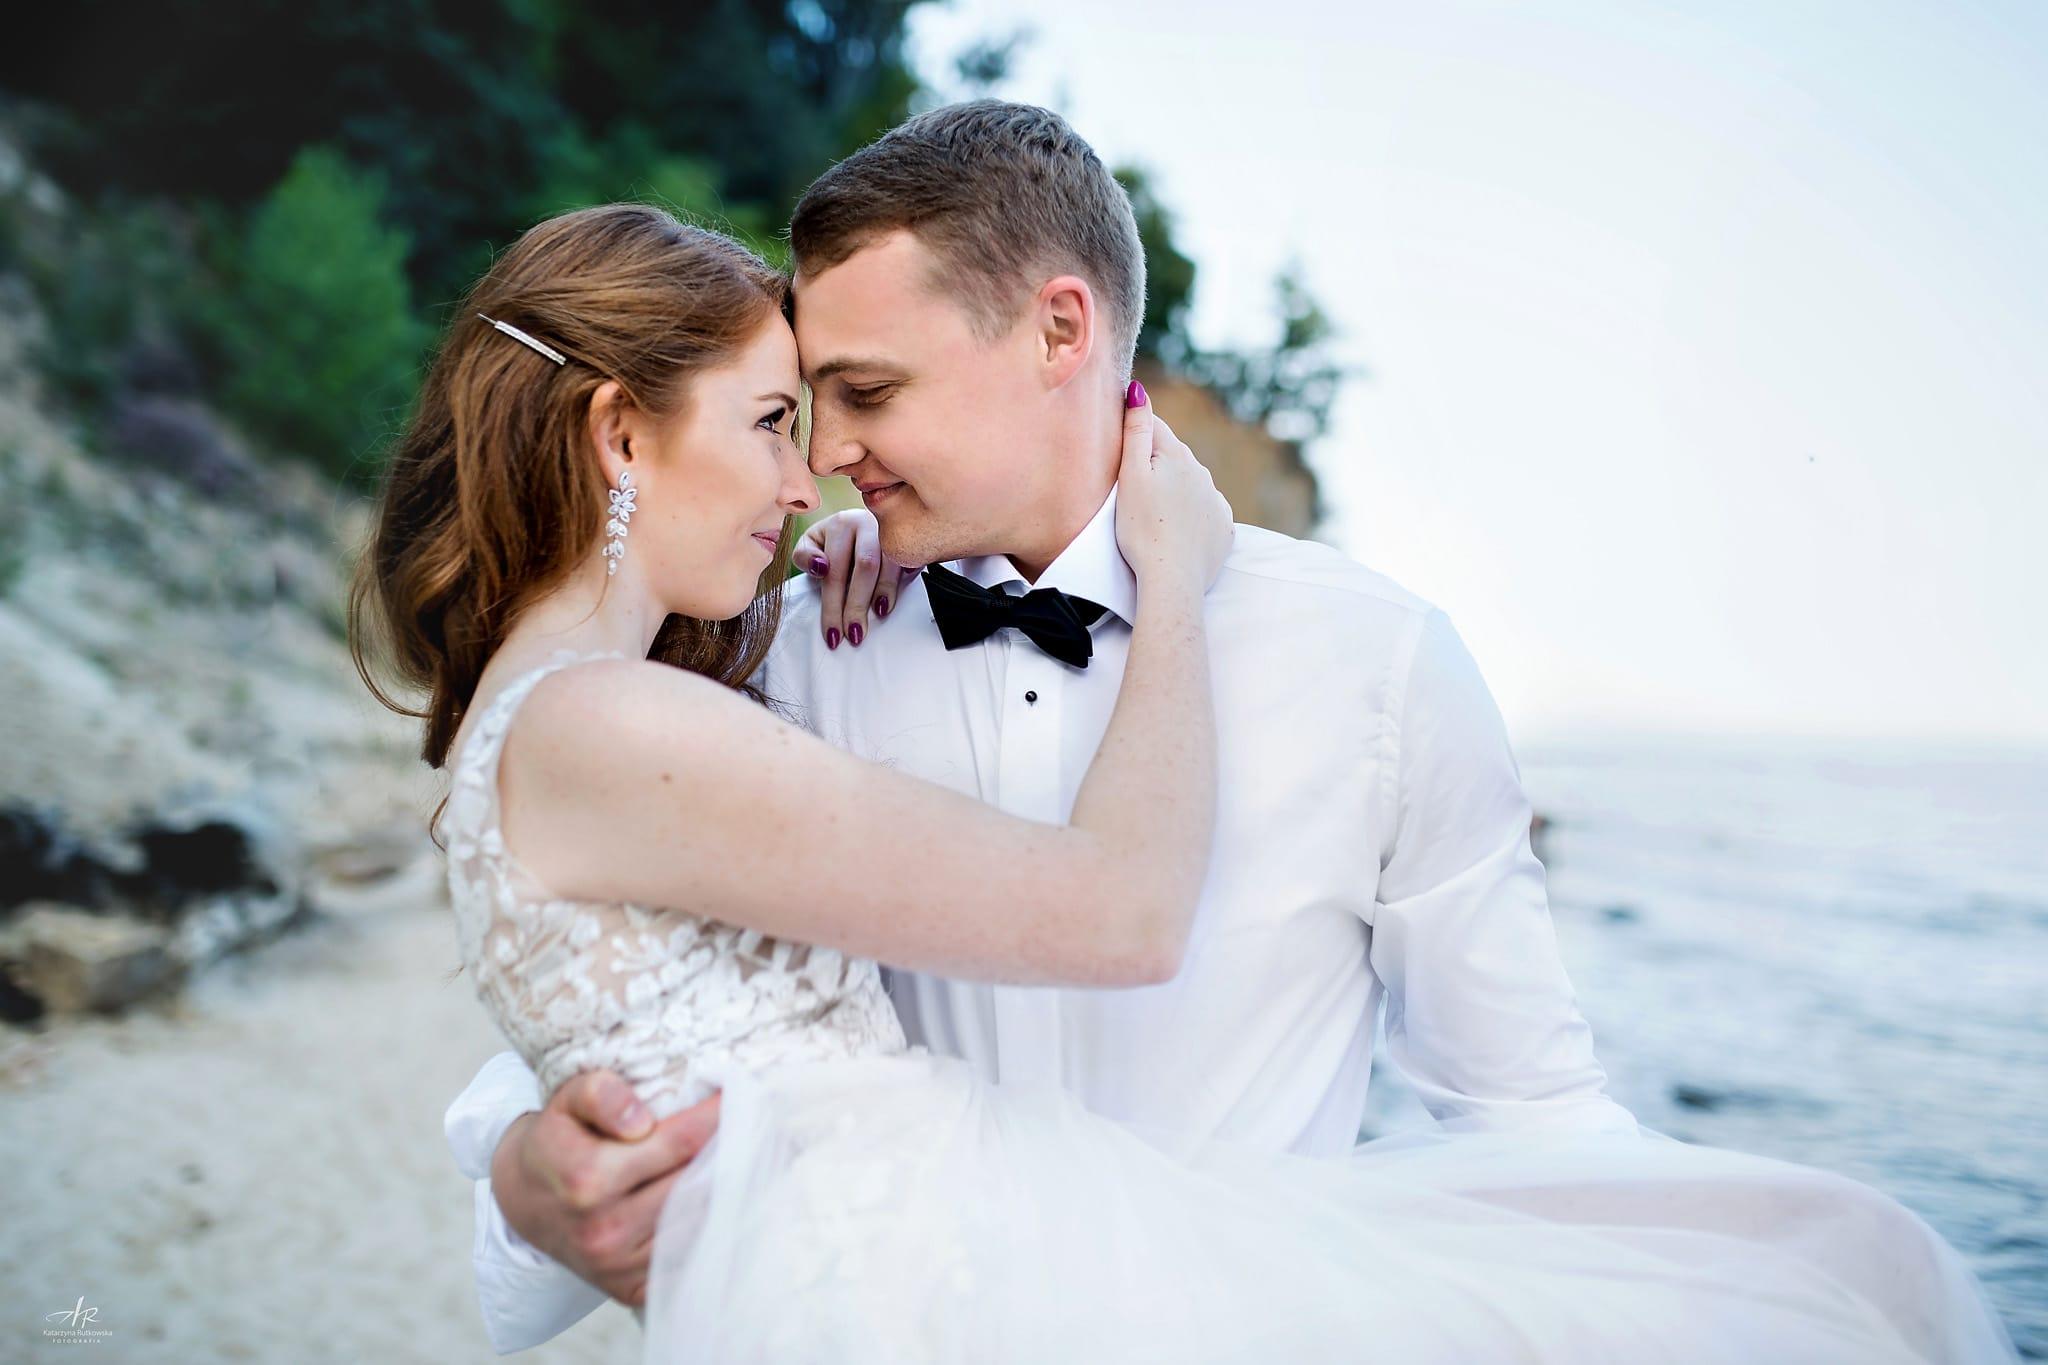 Sesja ślubna - Plener - Orłowo